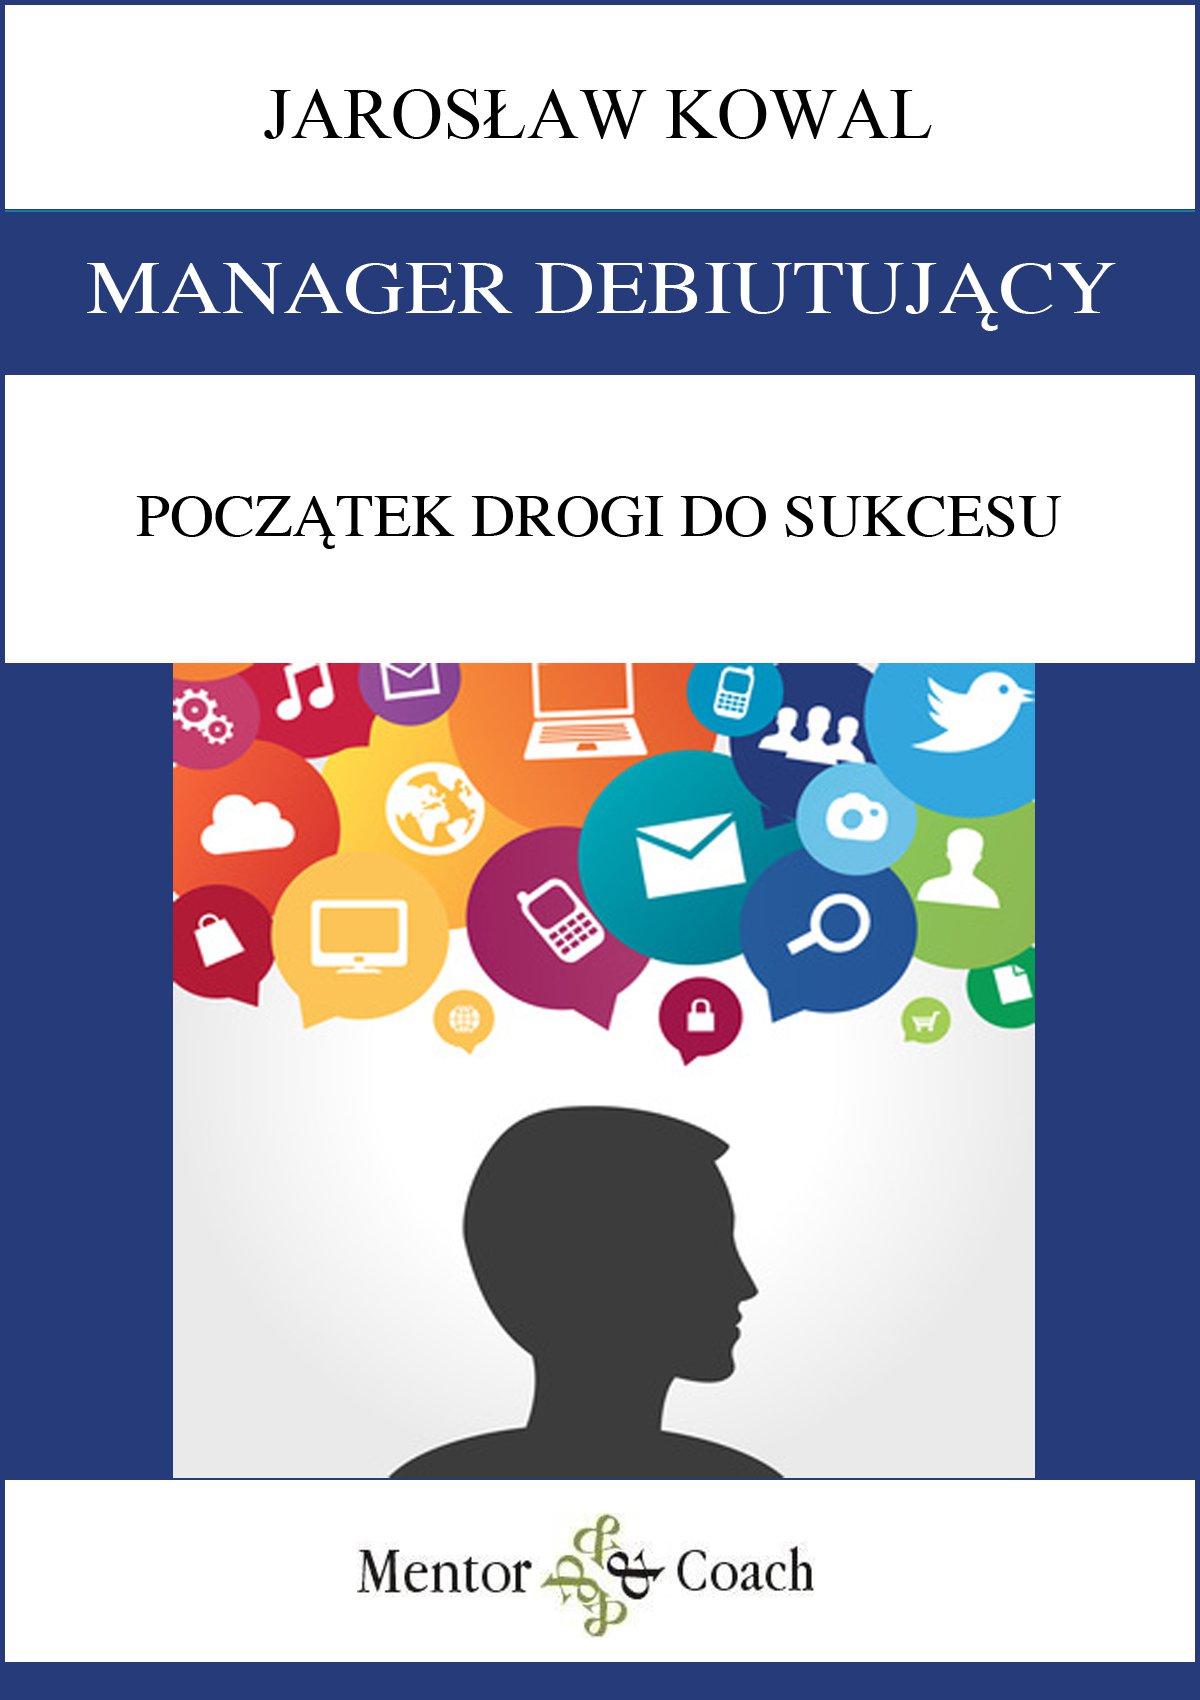 Manager debiutujący. Początek drogi do sukcesu - Audiobook (Książka audio MP3) do pobrania w całości w archiwum ZIP